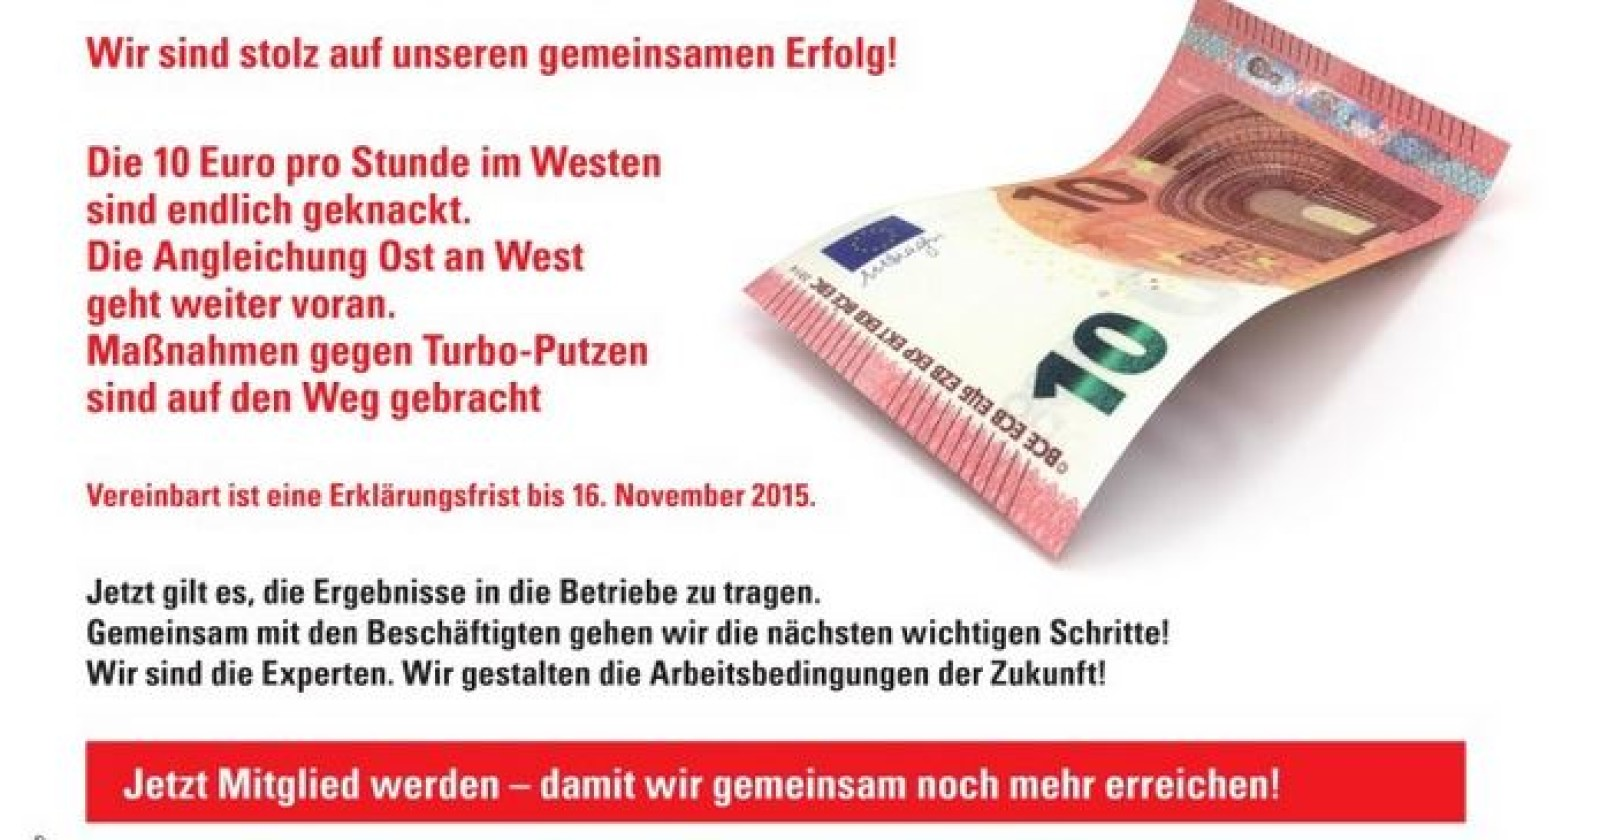 Flugblatt zum Tarifergebnis. So steigen die Löhne - alle Lohngruppen im Überblick (Ost- und West)